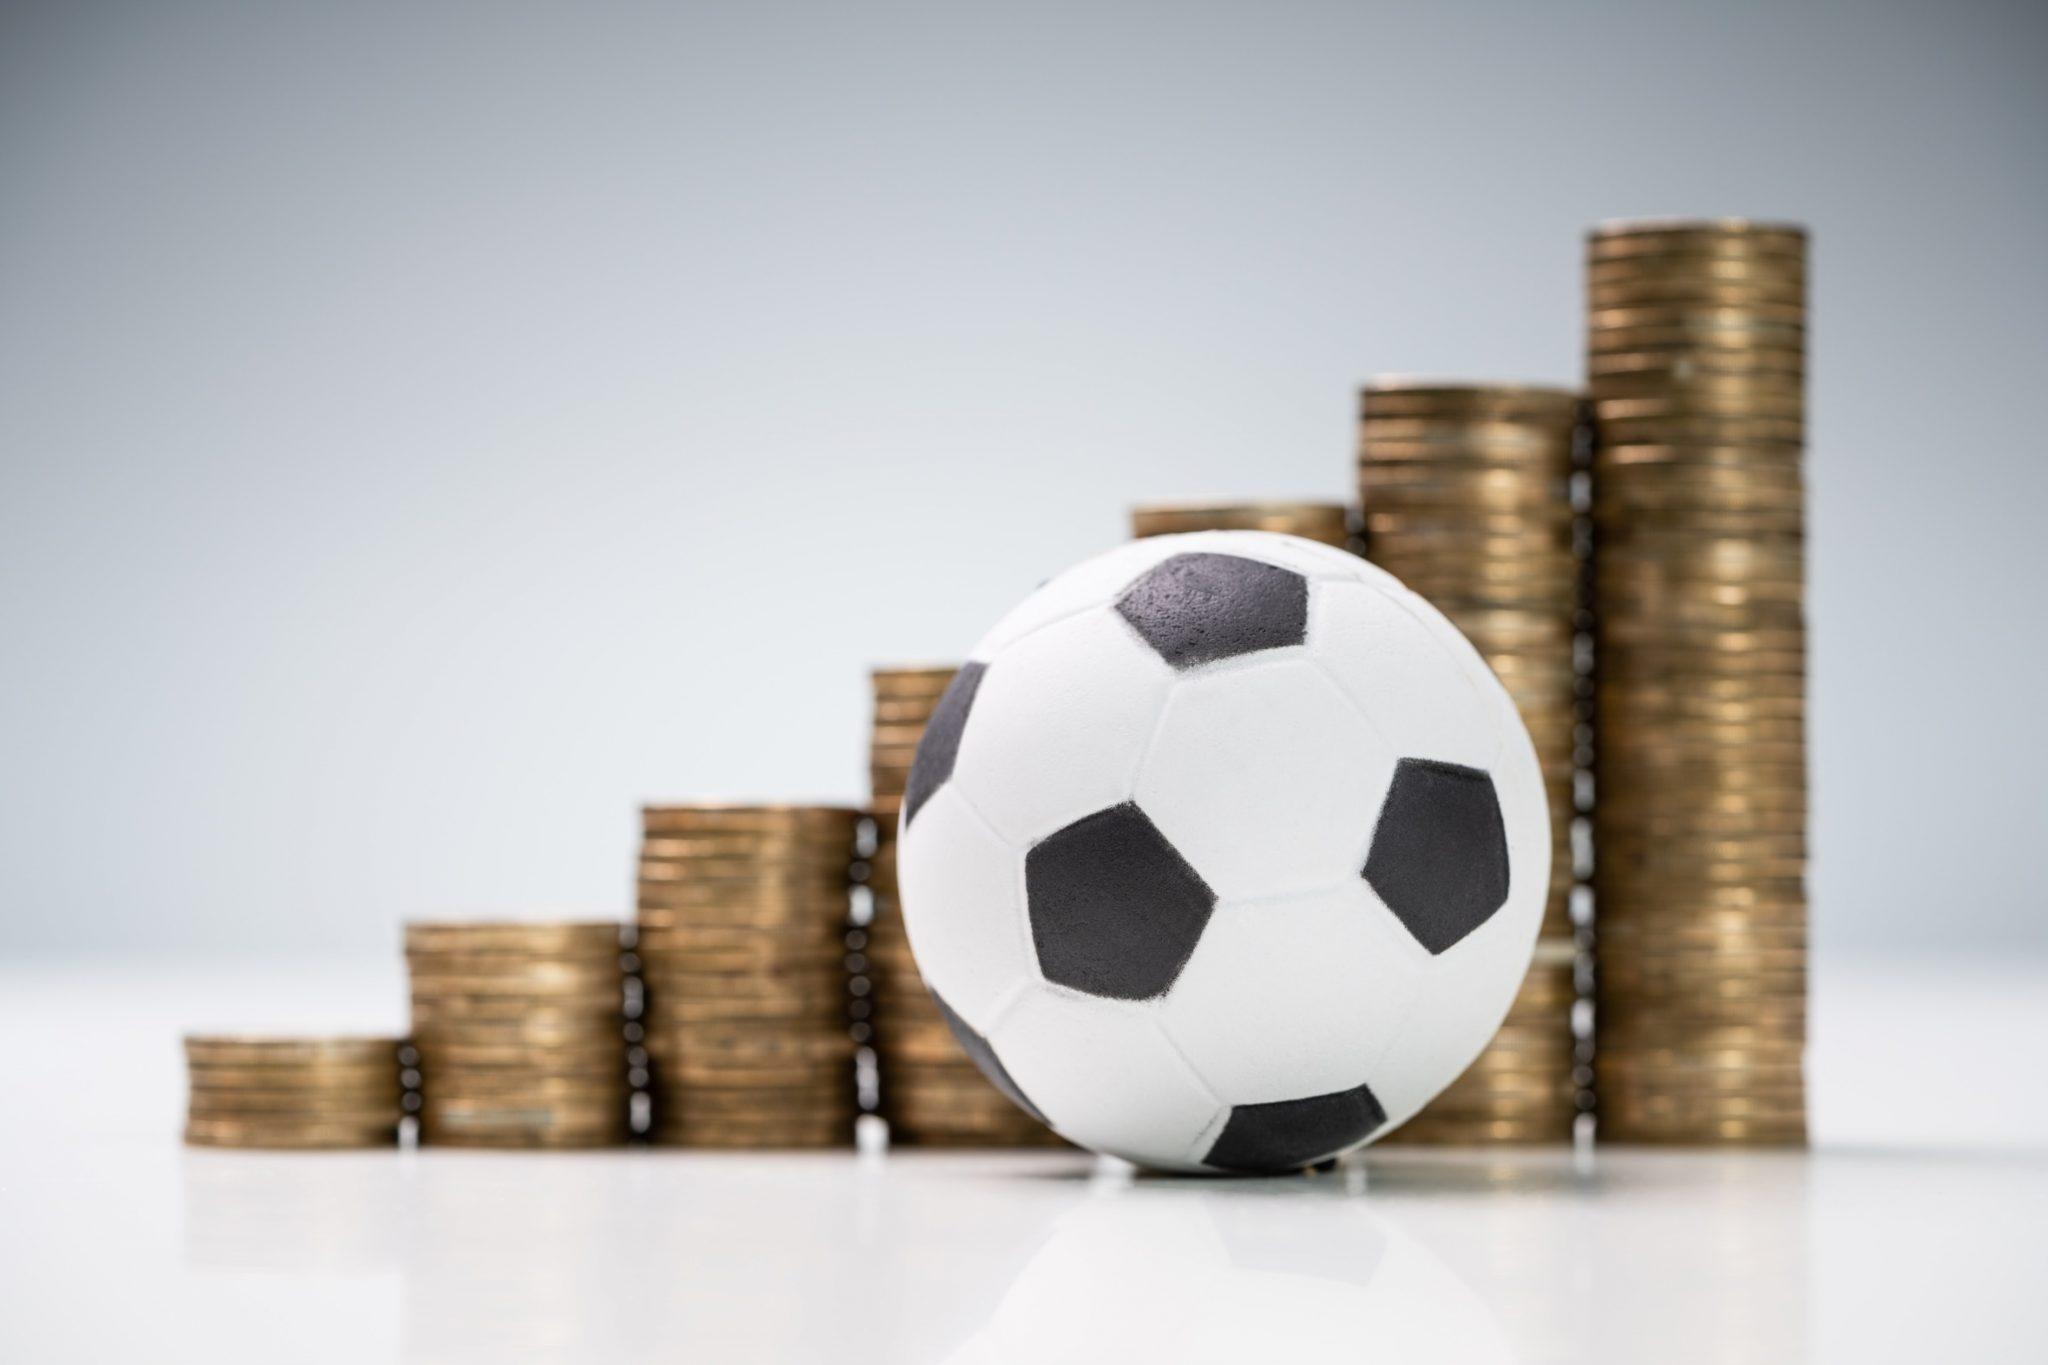 האם השקעה במניות קבוצת ספורט היא השקעה חכמה? כל הפרטים בכתבה הבאה של דה ברוקר